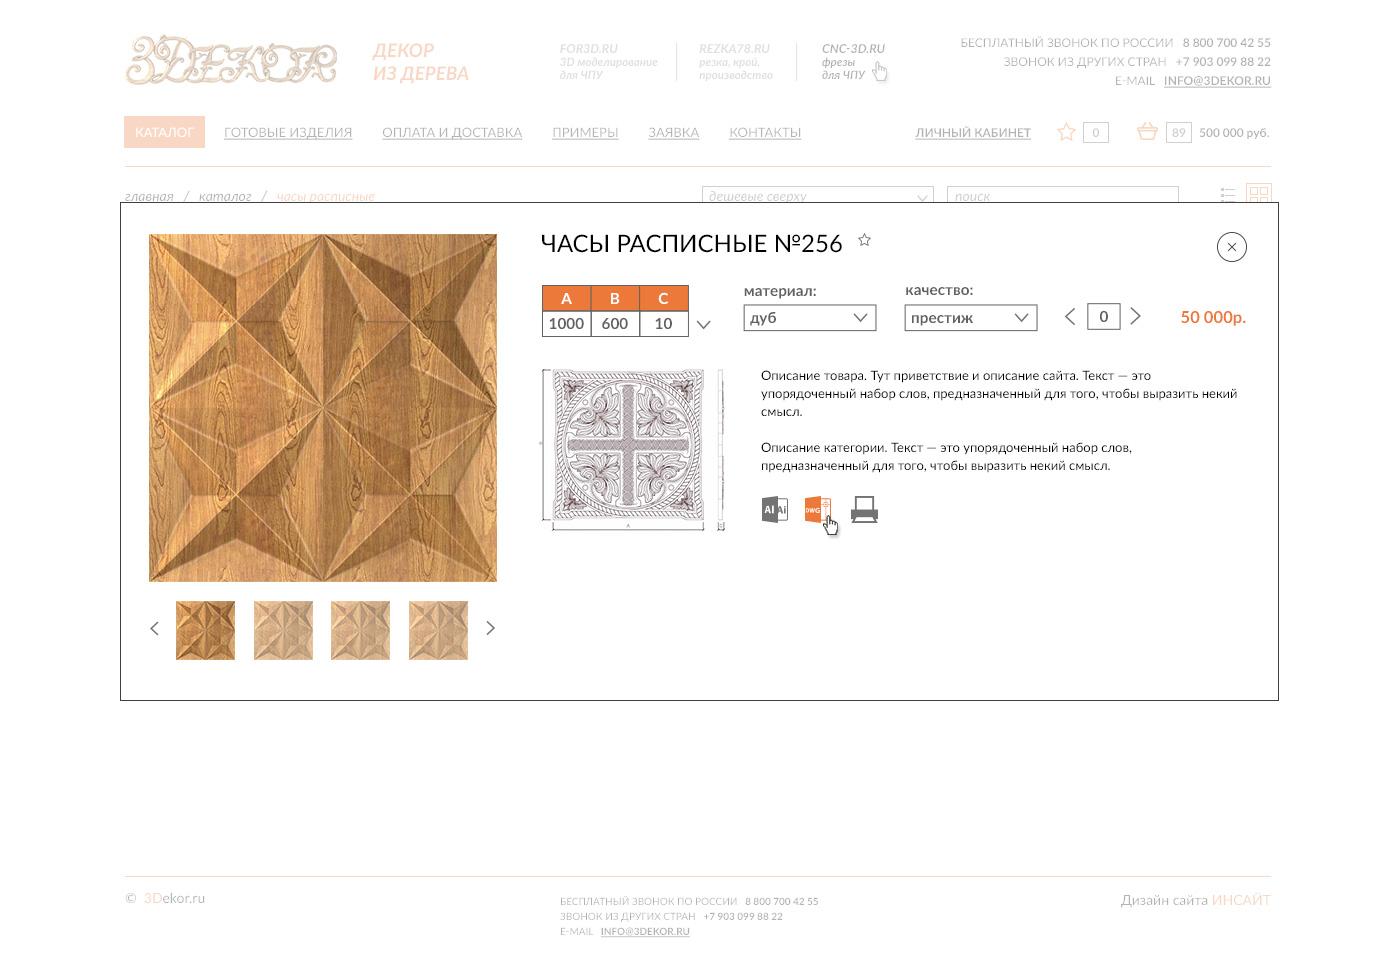 Дизайн интернет магазина, декор из дерева, 3D, ЧПУ, модели, 3dekor.ru